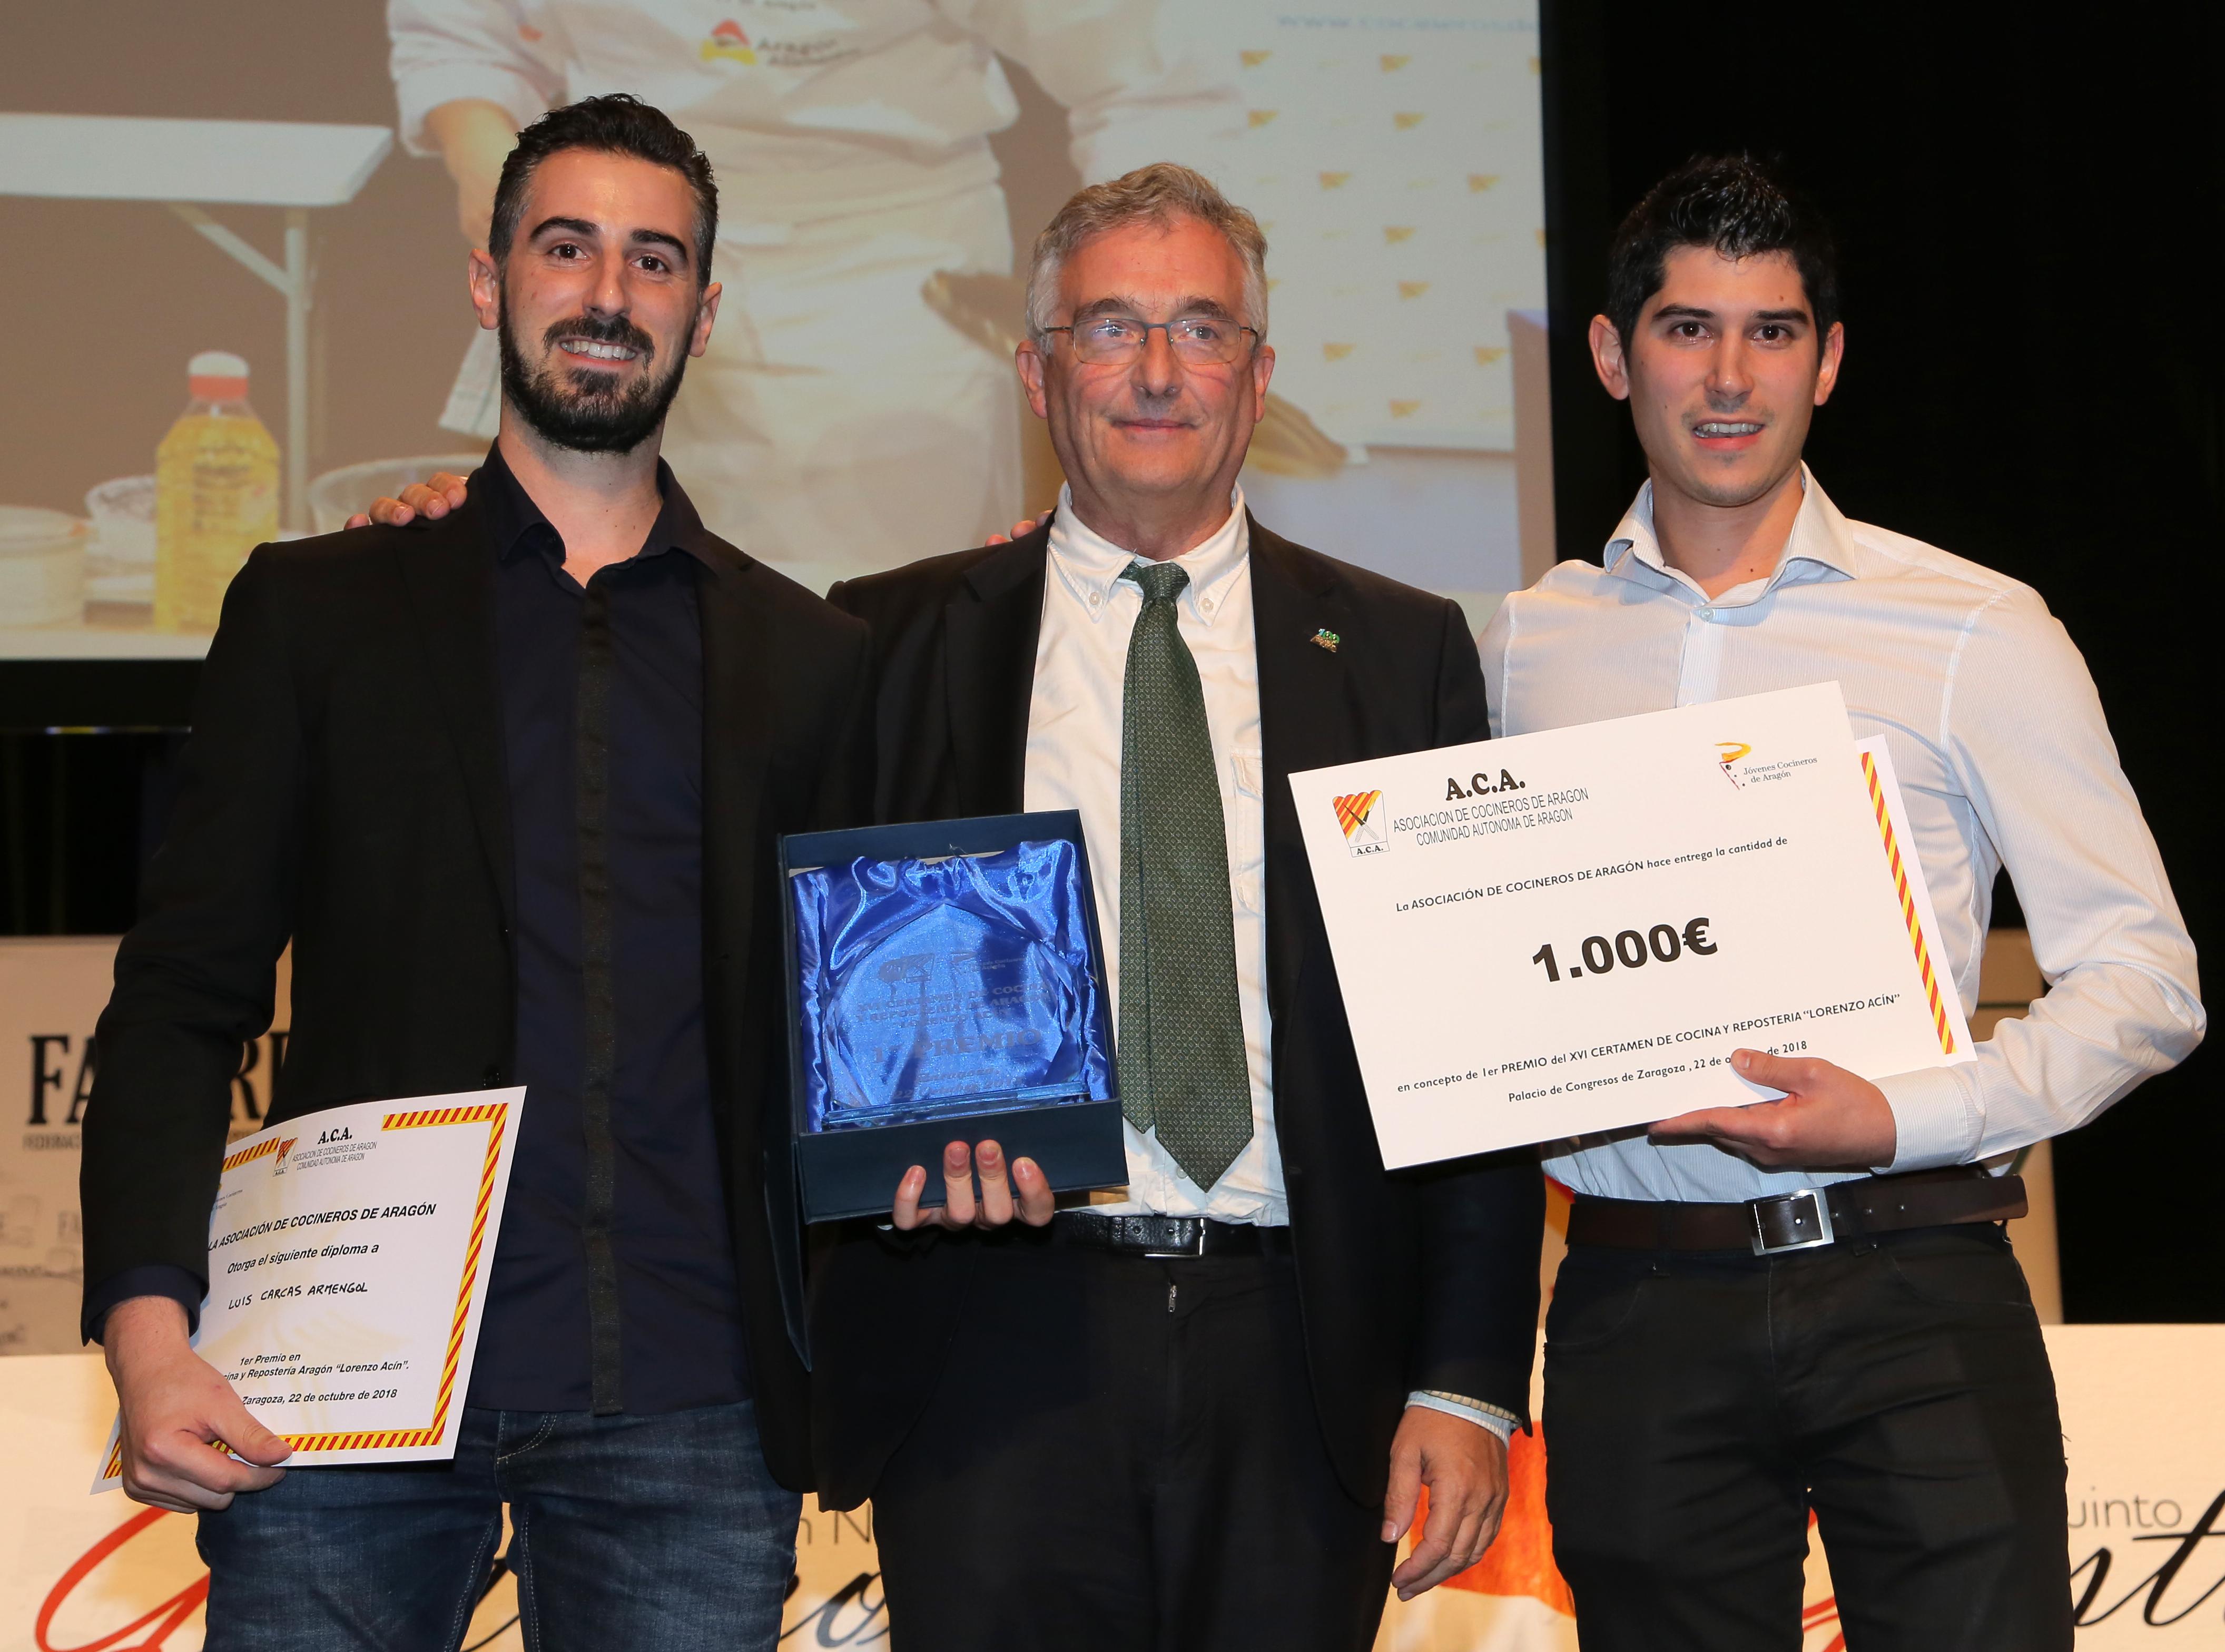 En este momento estás viendo Javier y Luis Antonio Carcas, ganadores del XVI Certamen de Cocina y Repostería de Aragón